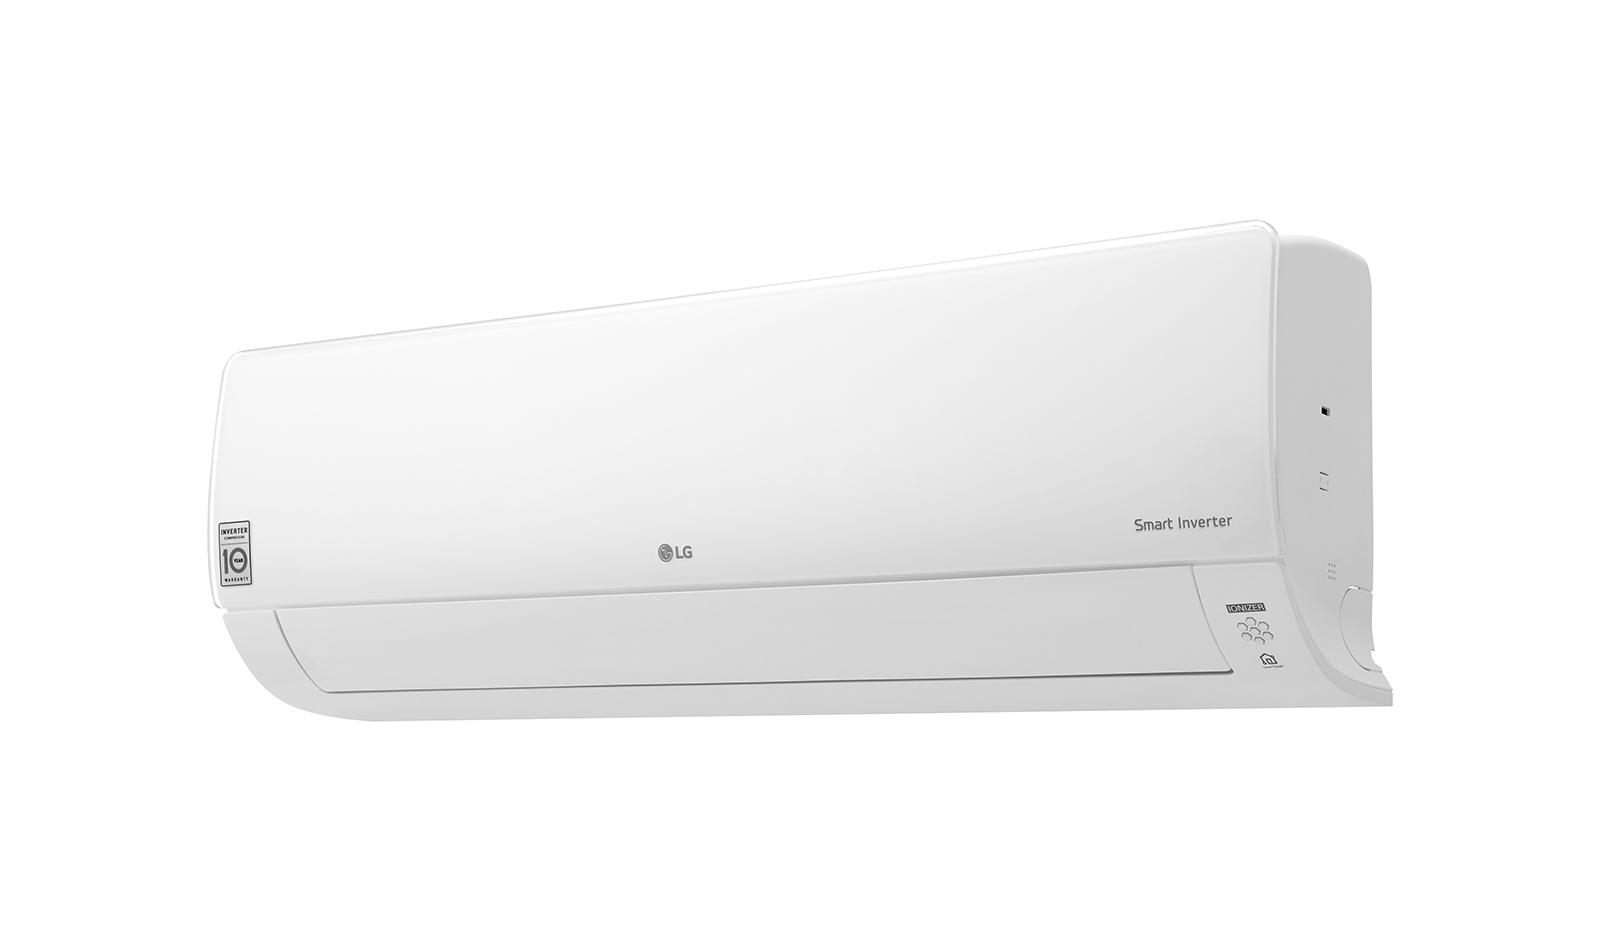 LG Deluxe Klimaanlage 008